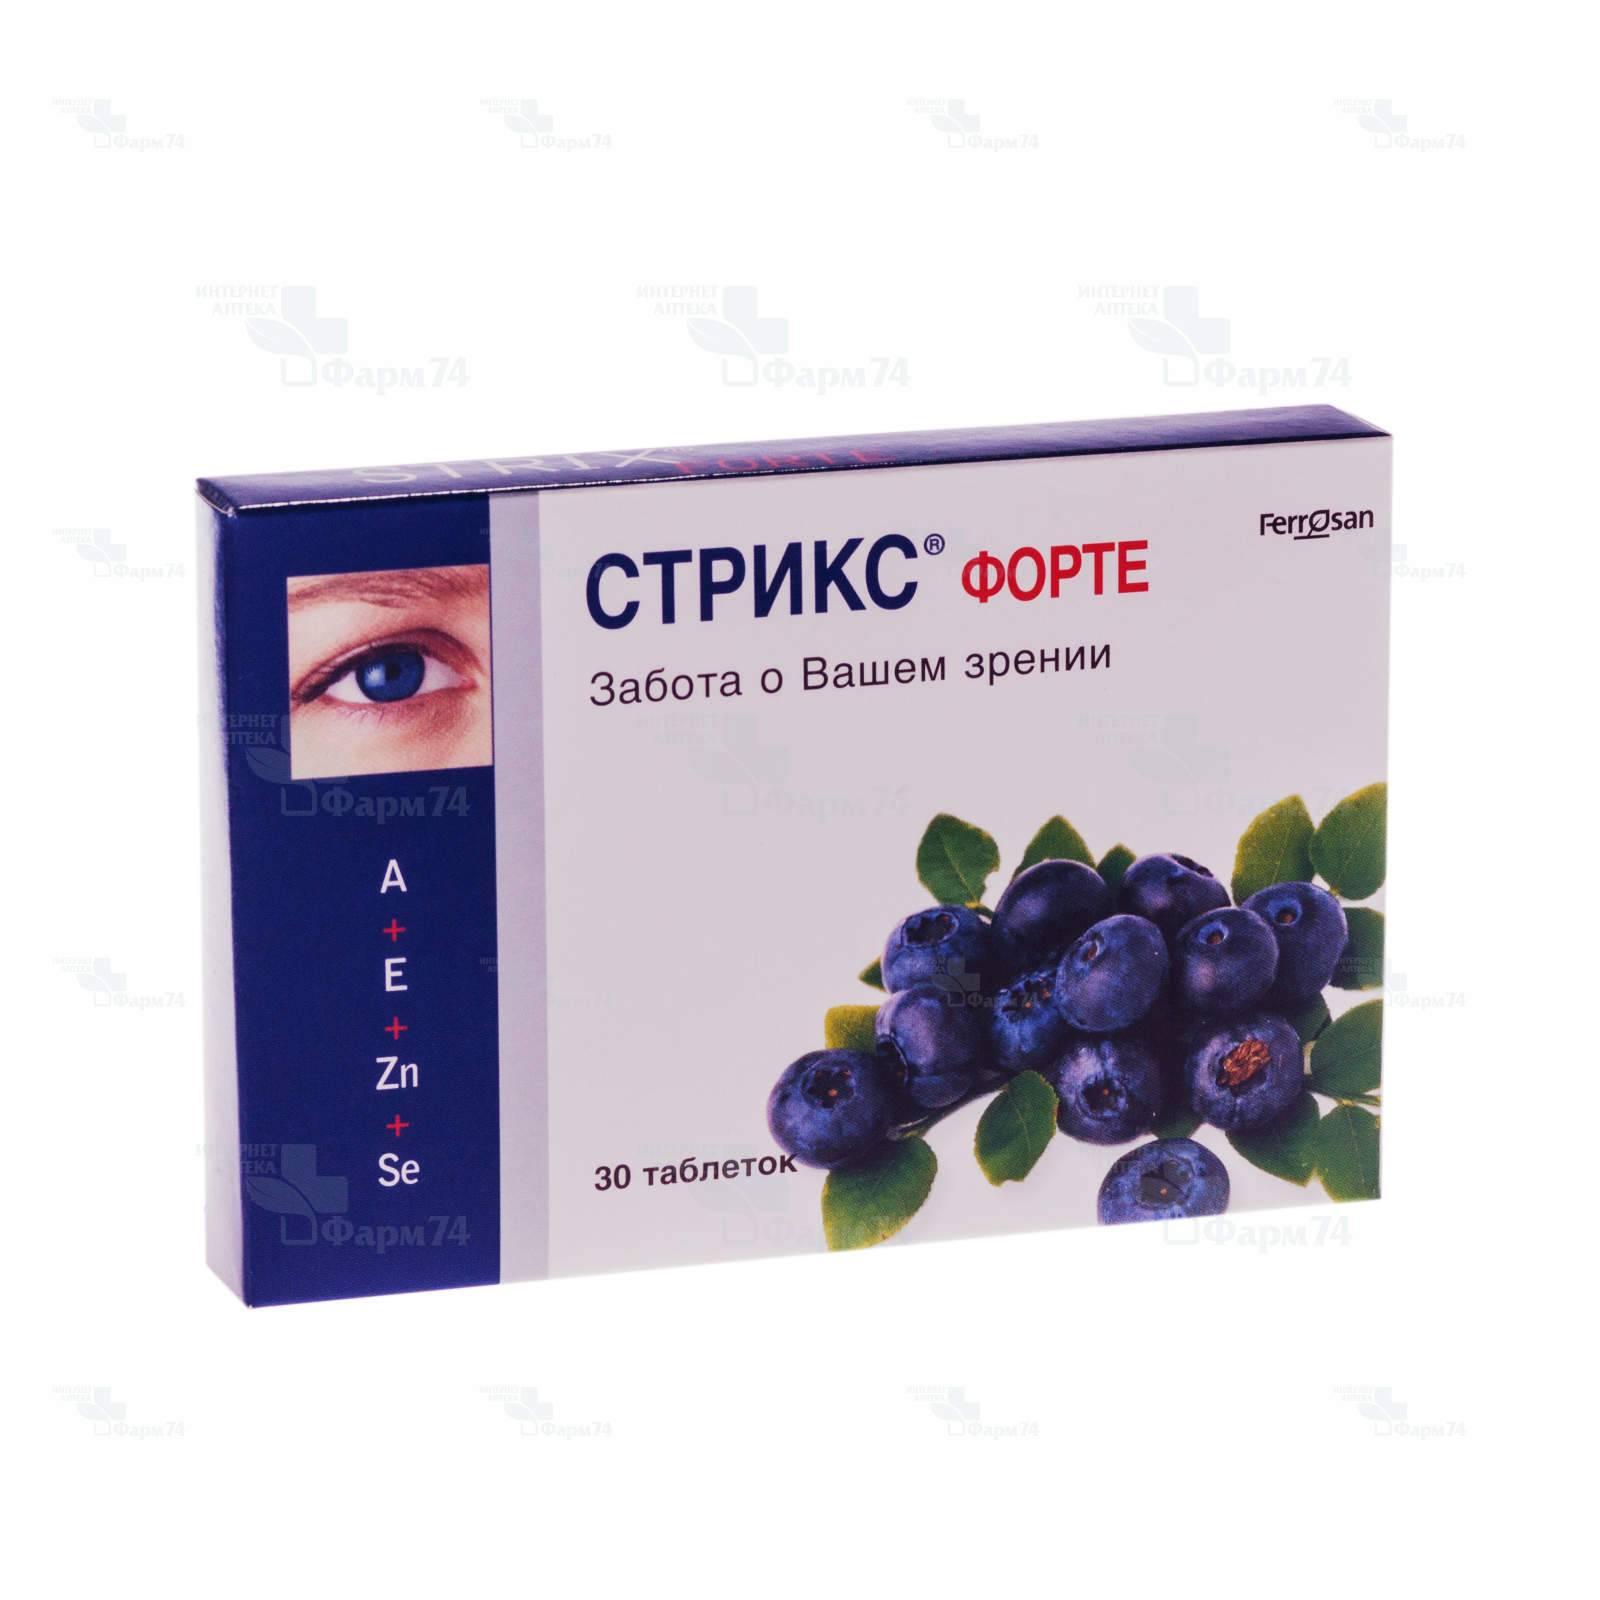 Стрикс форте, 500 мг, таблетки, 30шт., ферросан интернейшнл а/с купить в москве, цены в аптеках, инструкция по применению и отзывы